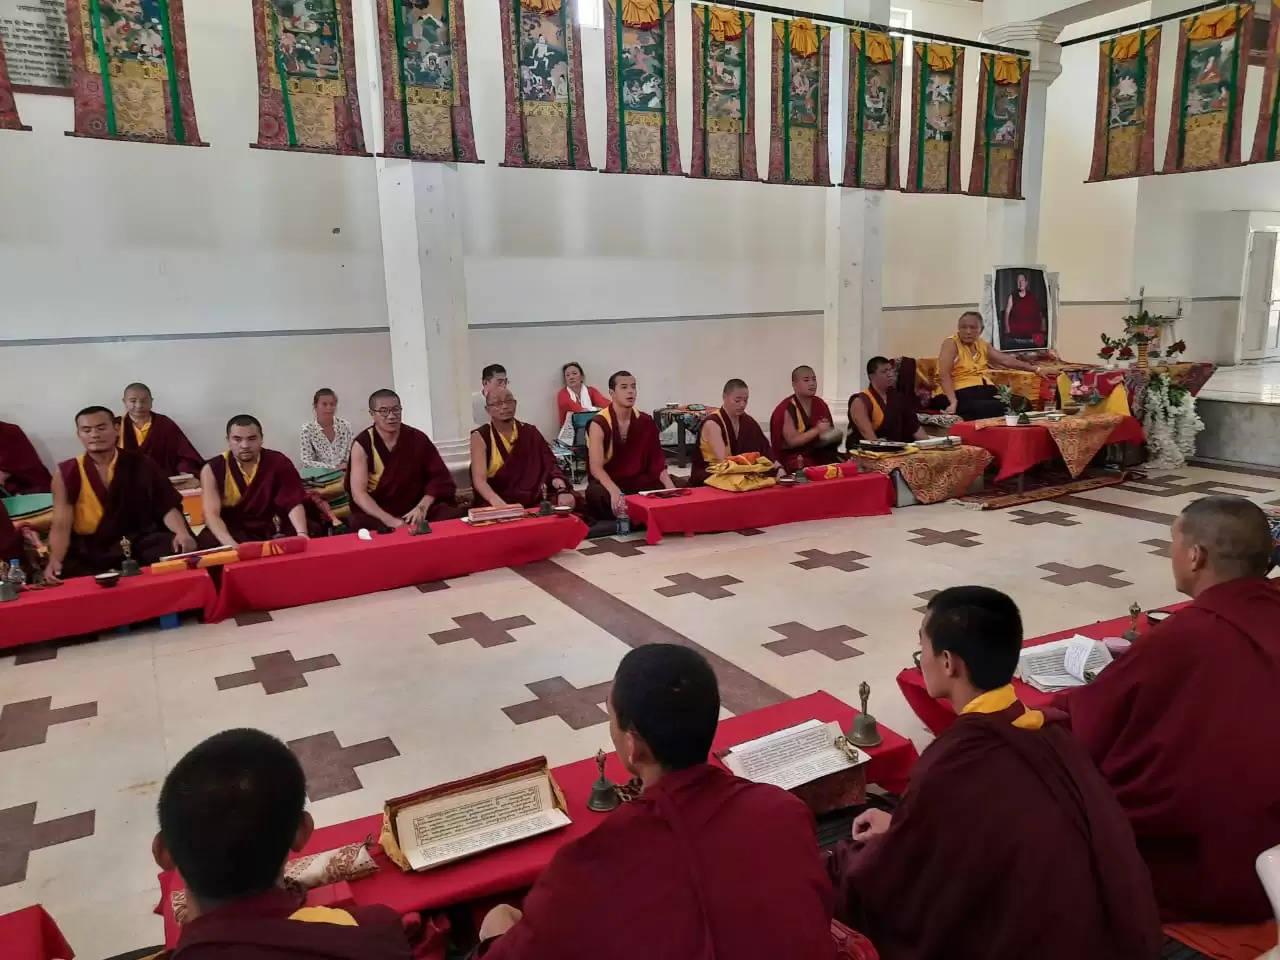 तिब्बत के लामाओं ने कुशीनगर में शुरू किया विशेष अनुष्ठान